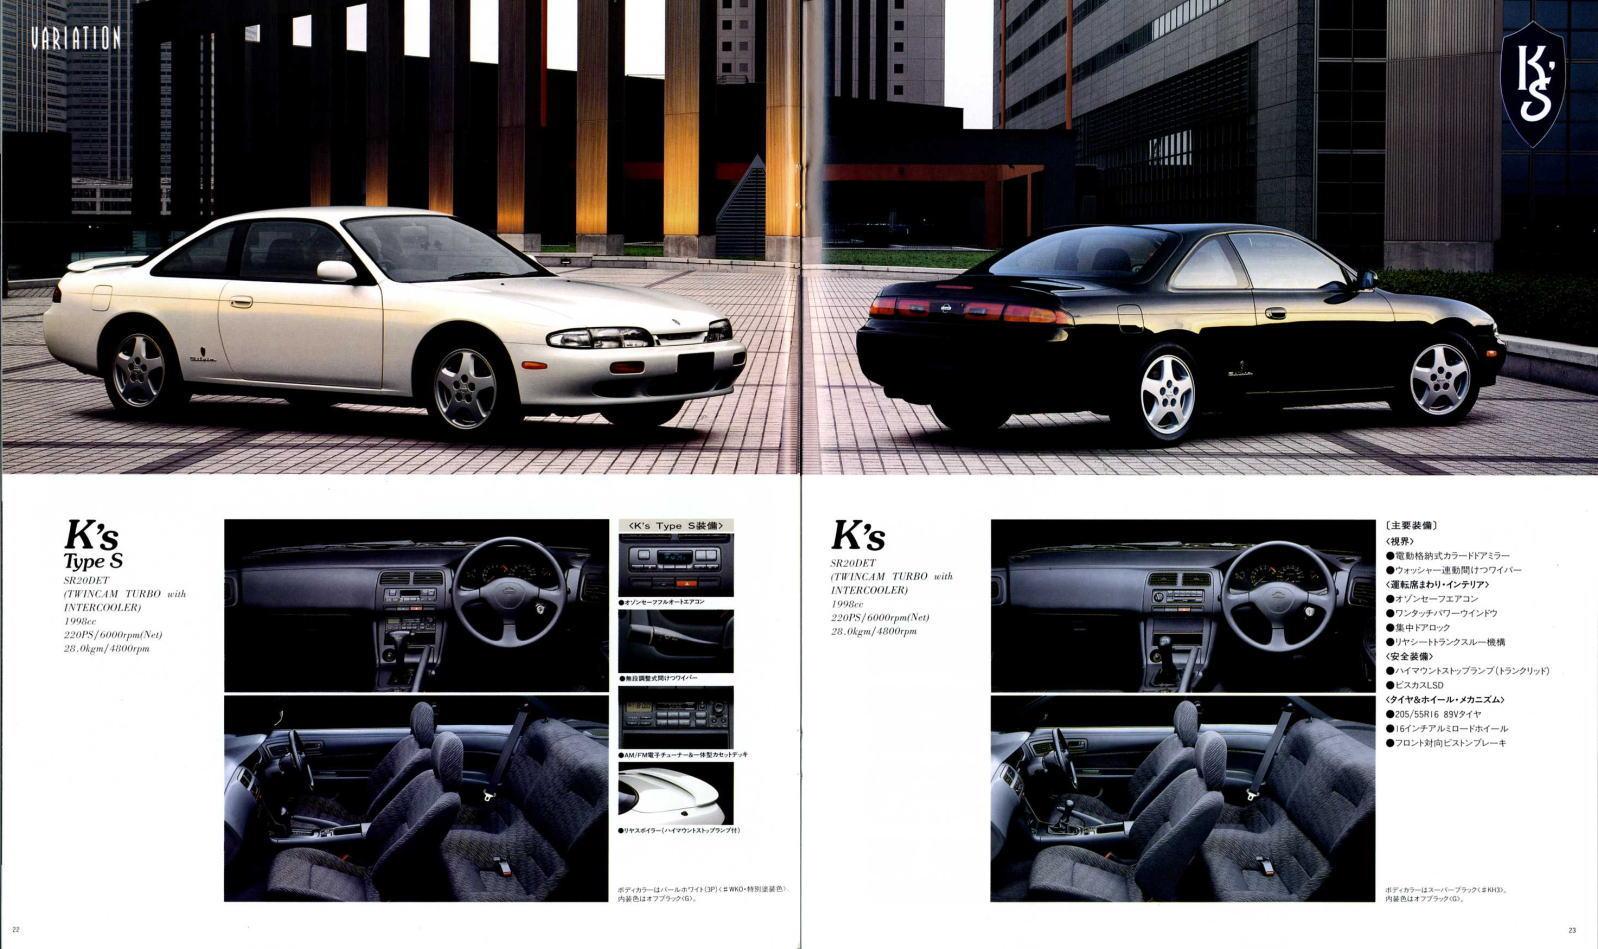 Nissan Silvia S14, samochody z rynku japońskiego, różnice, informacje, wersje, JDM, kultowe sportowe auta